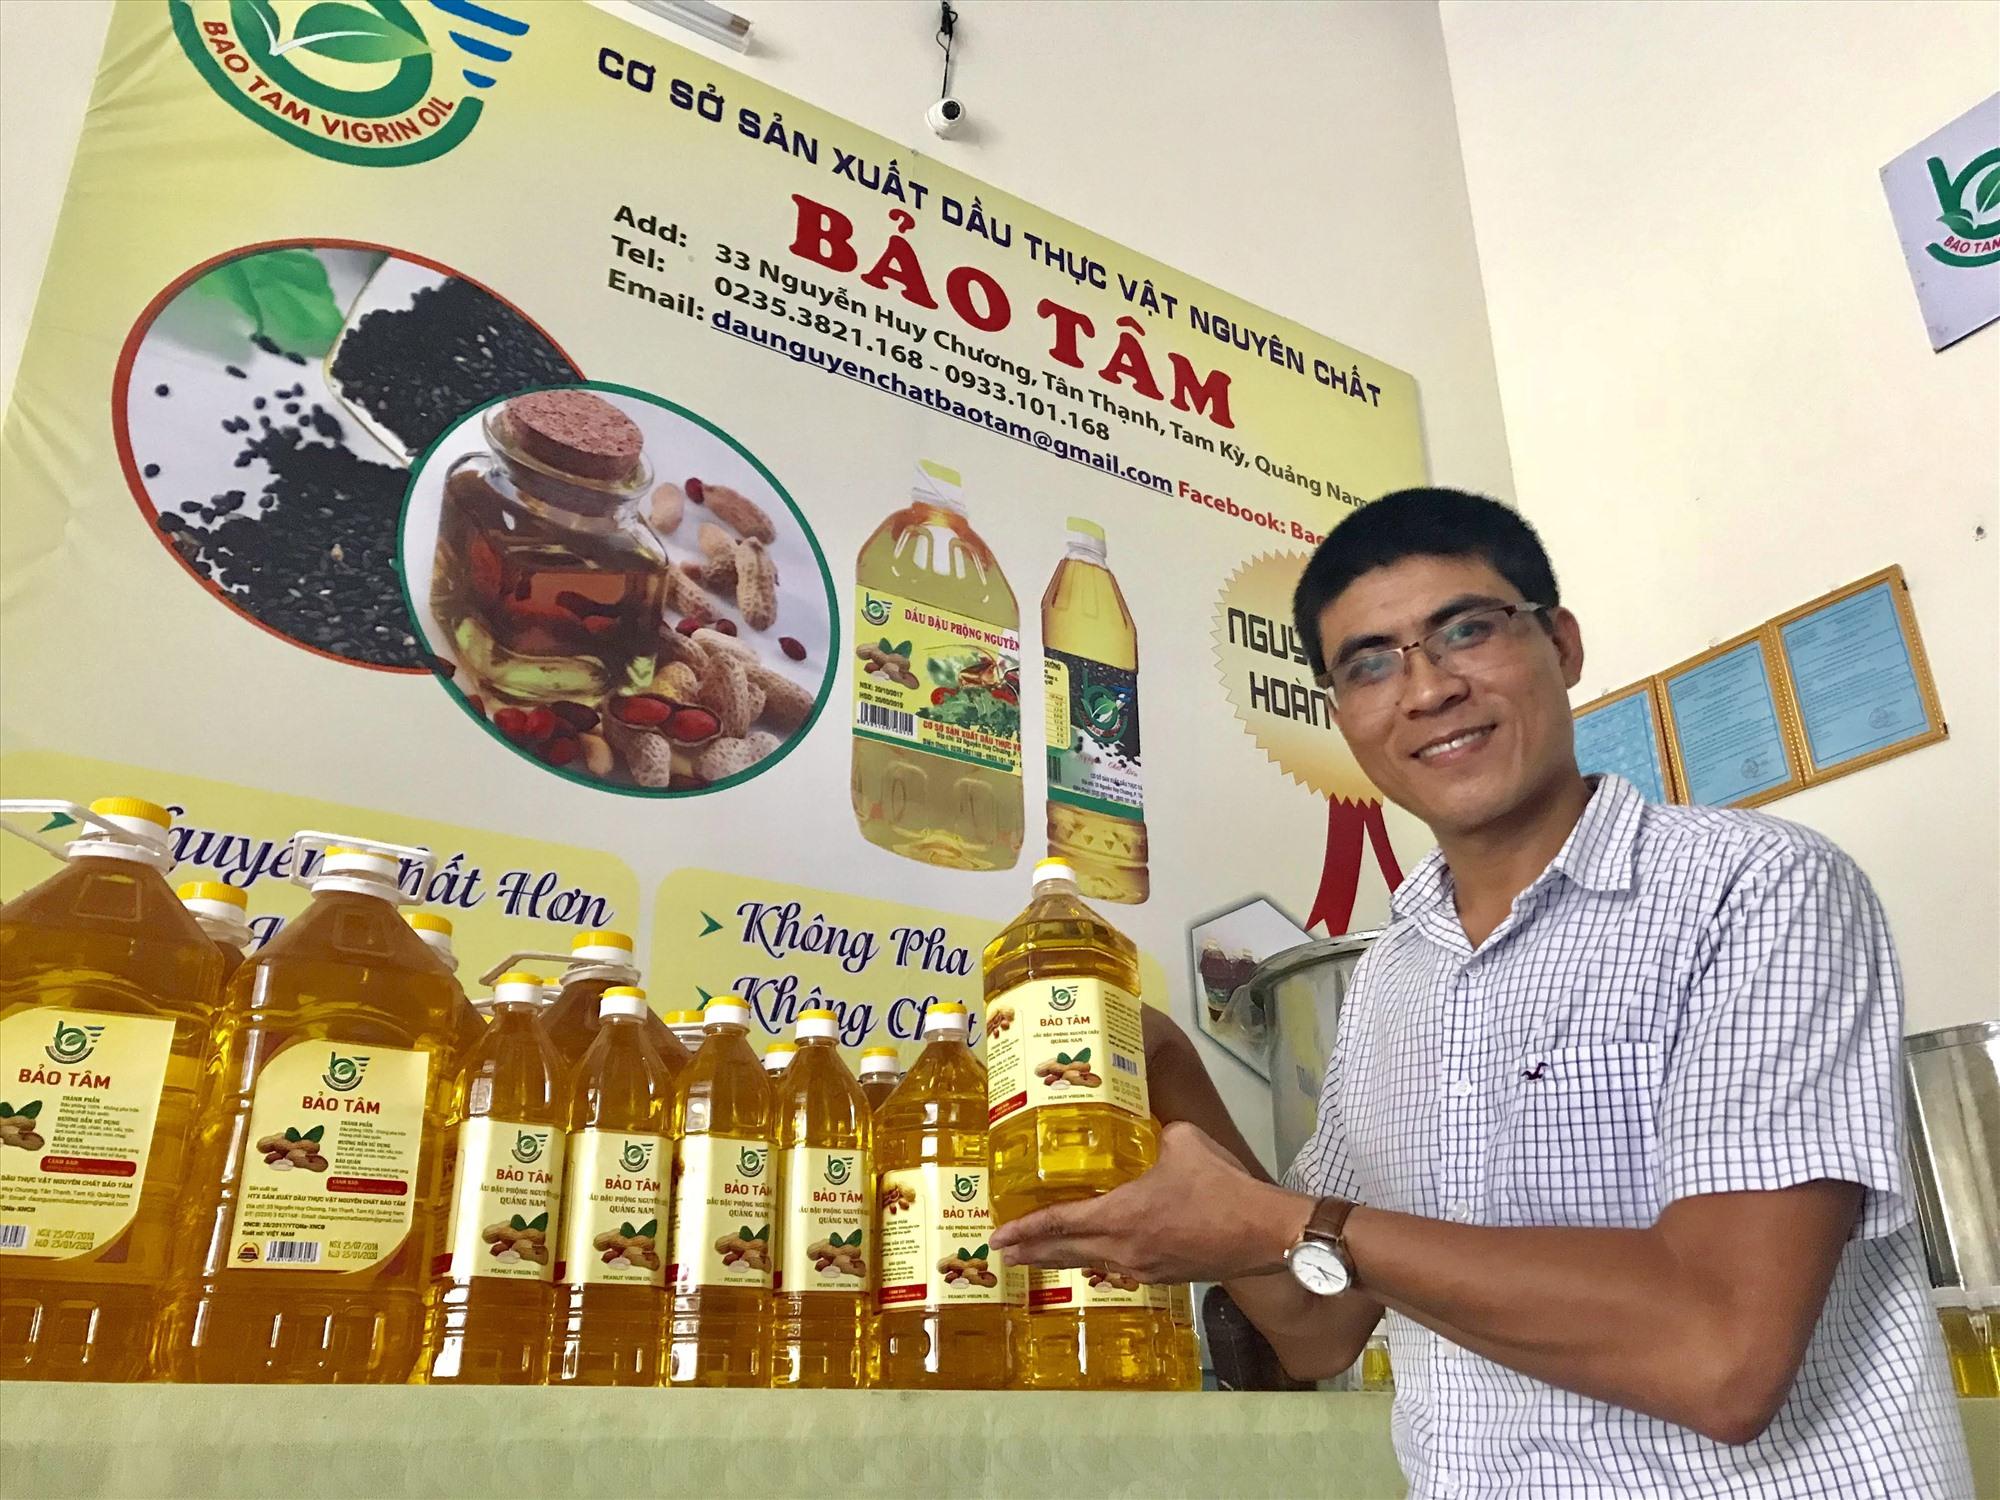 Hiện nay, HTX dầu thực vật nguyên chất Bảo Tâm (Tam Kỳ) đã có 2 sản phẩm được công nhận đạt chuẩn OCOP 4 sao cấp tỉnh là dầu phụng và dầu mè đen. Ảnh: N.S